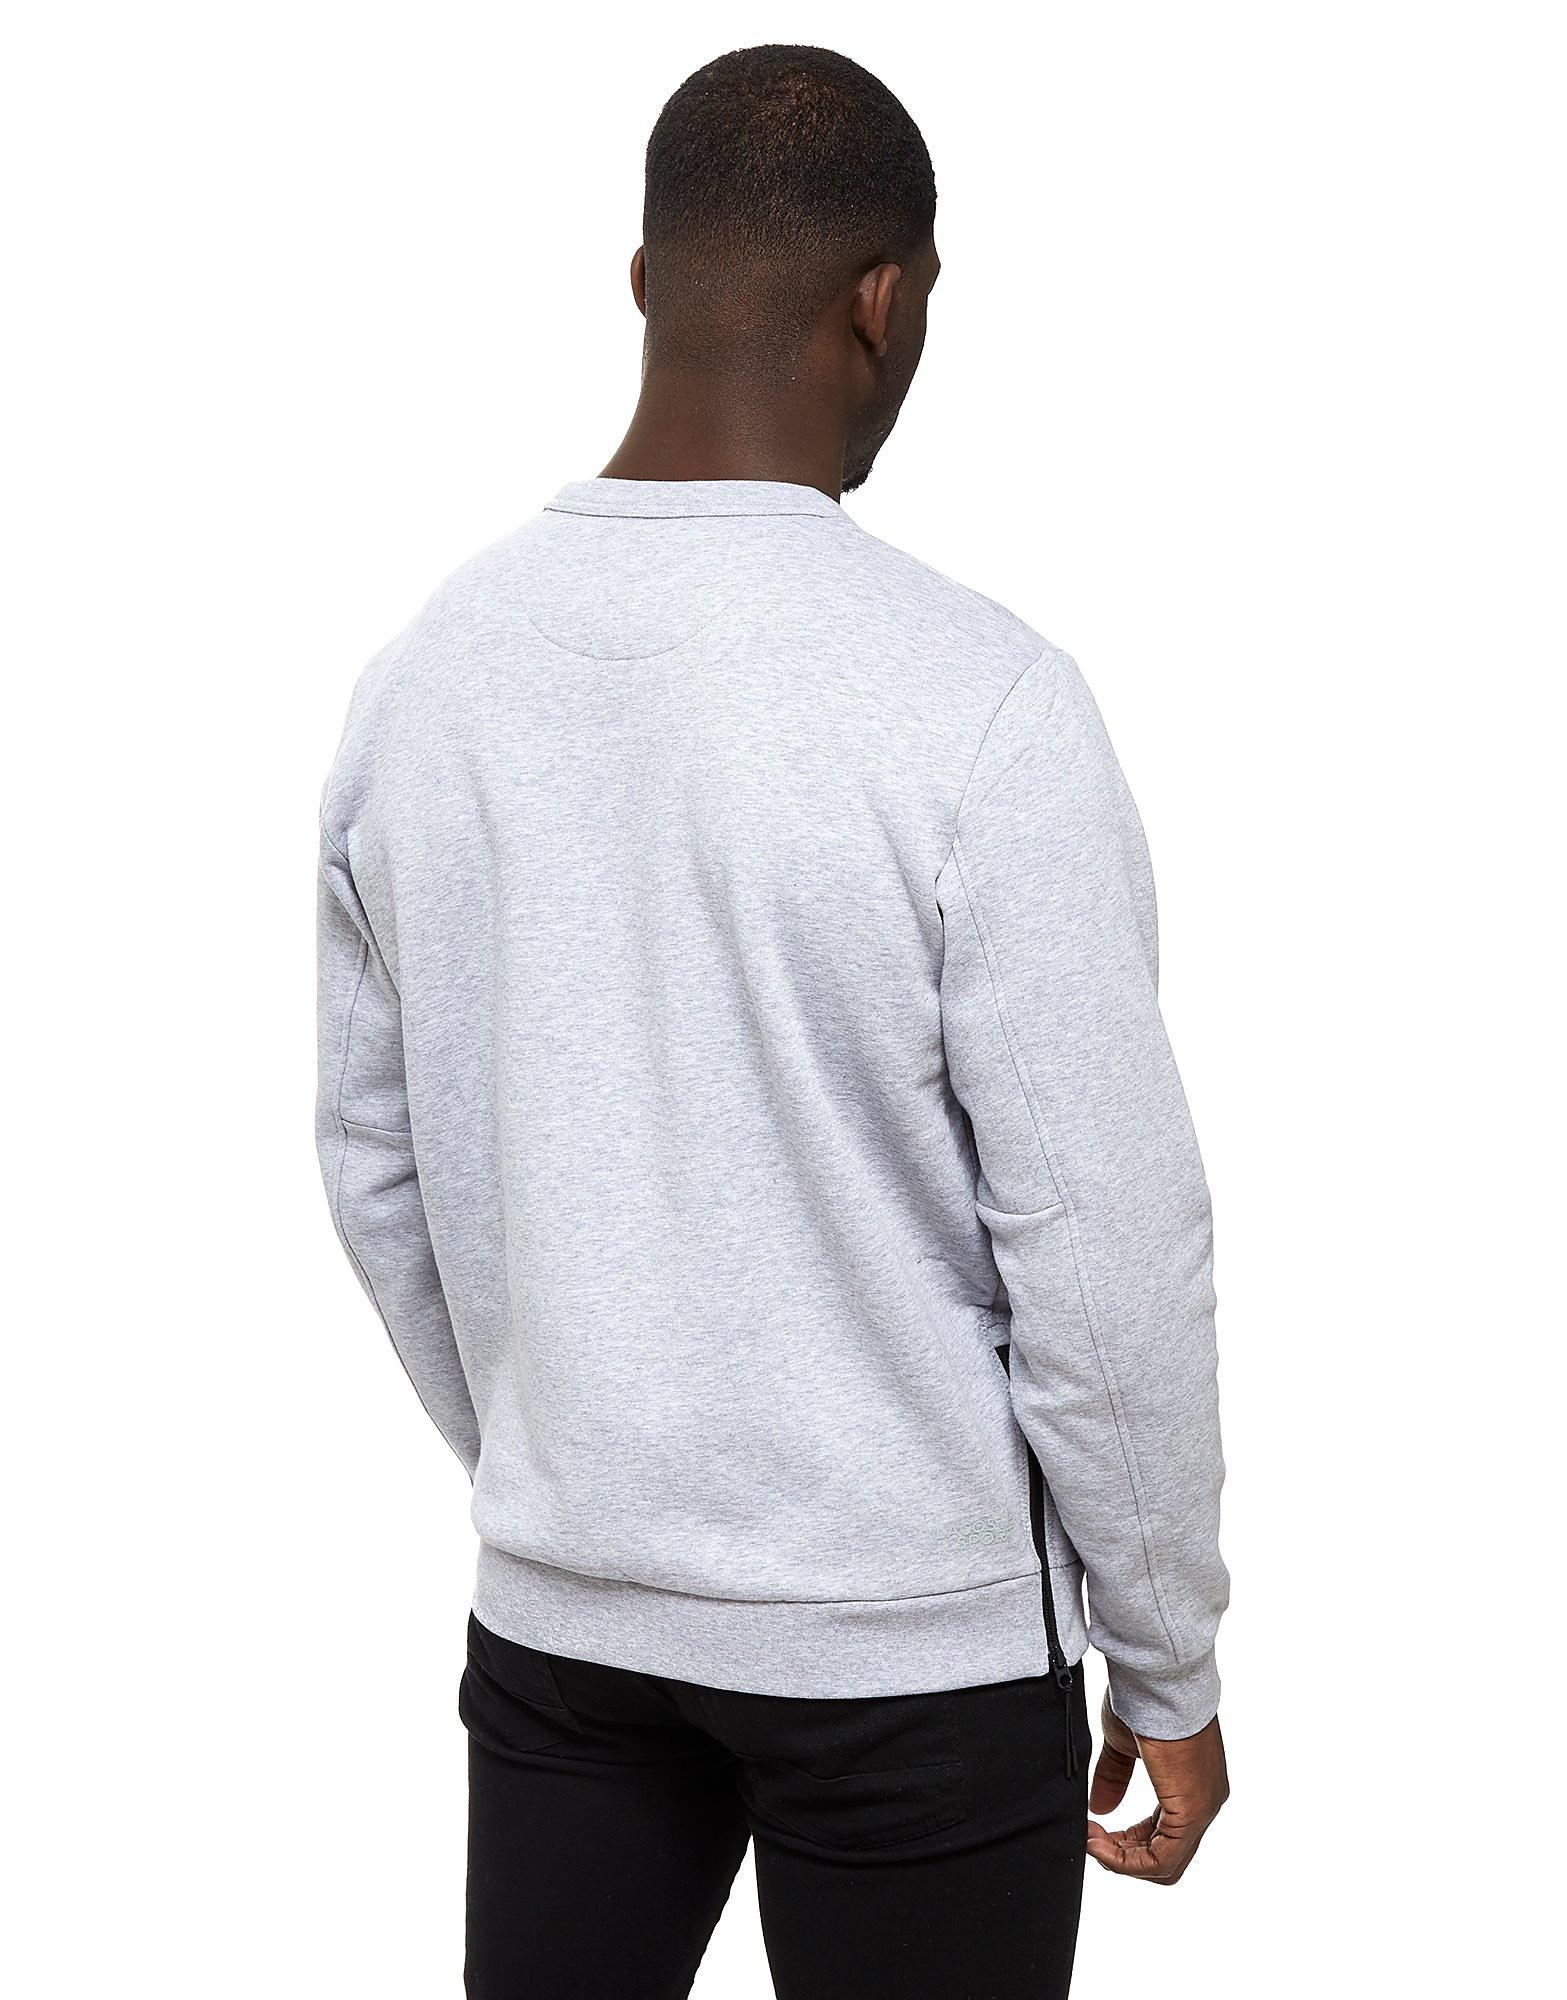 Lacoste Side Zip Fleece Crew Sweatshirt